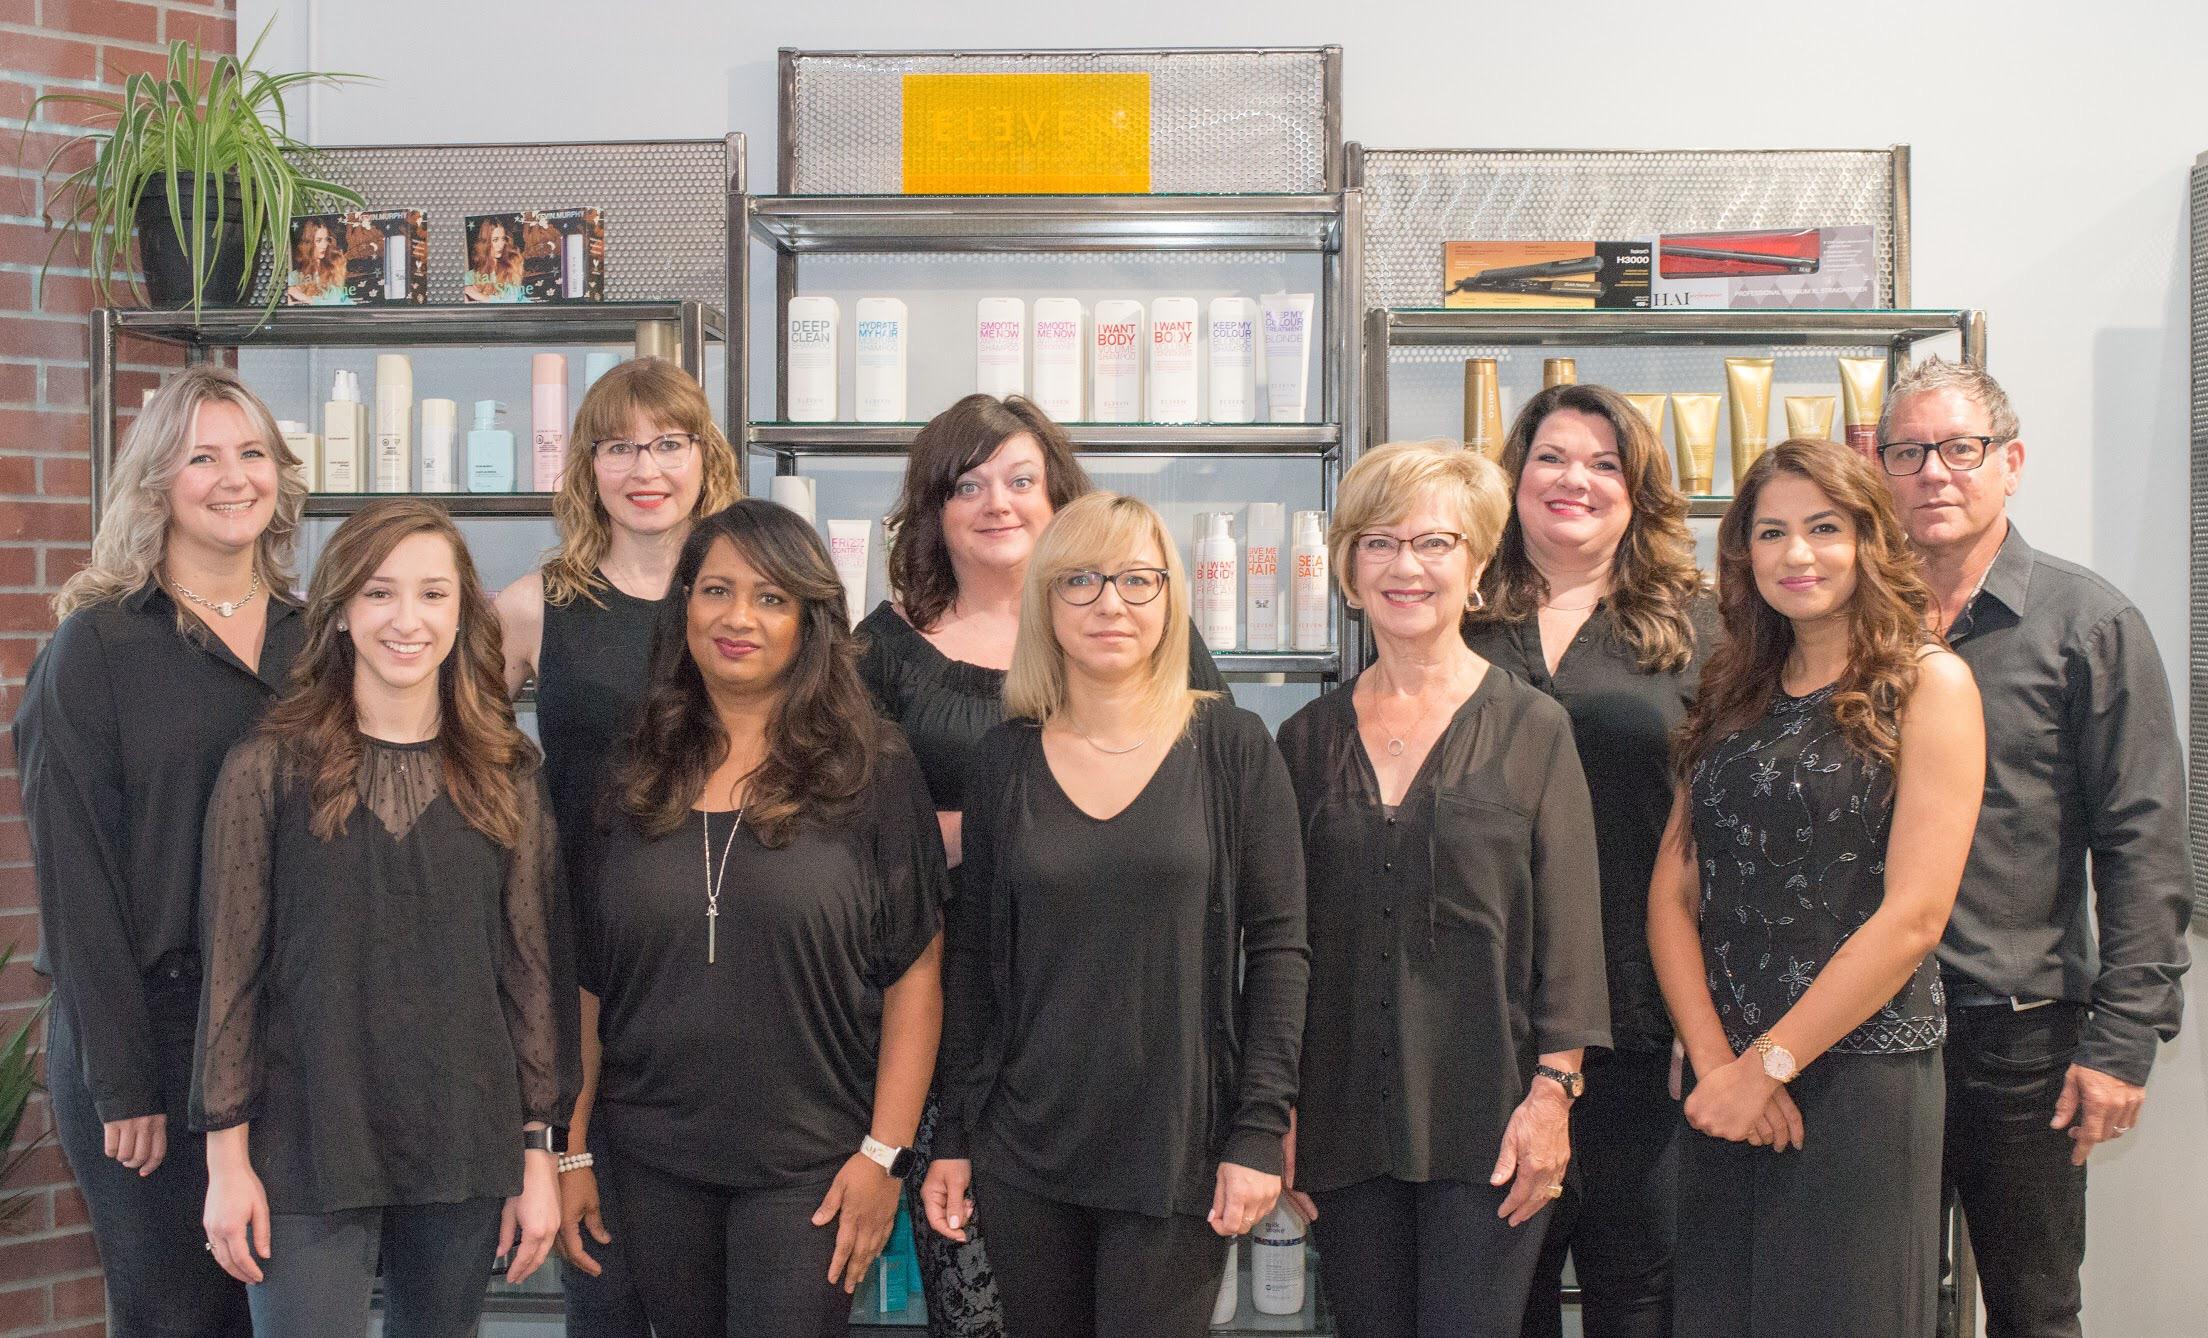 The Crush Family at Work   Left to right: Laila, Shalyn, Jennifer, Bonnie, Tiffany, Tetiana, June, Cathy, Raj, & Brad